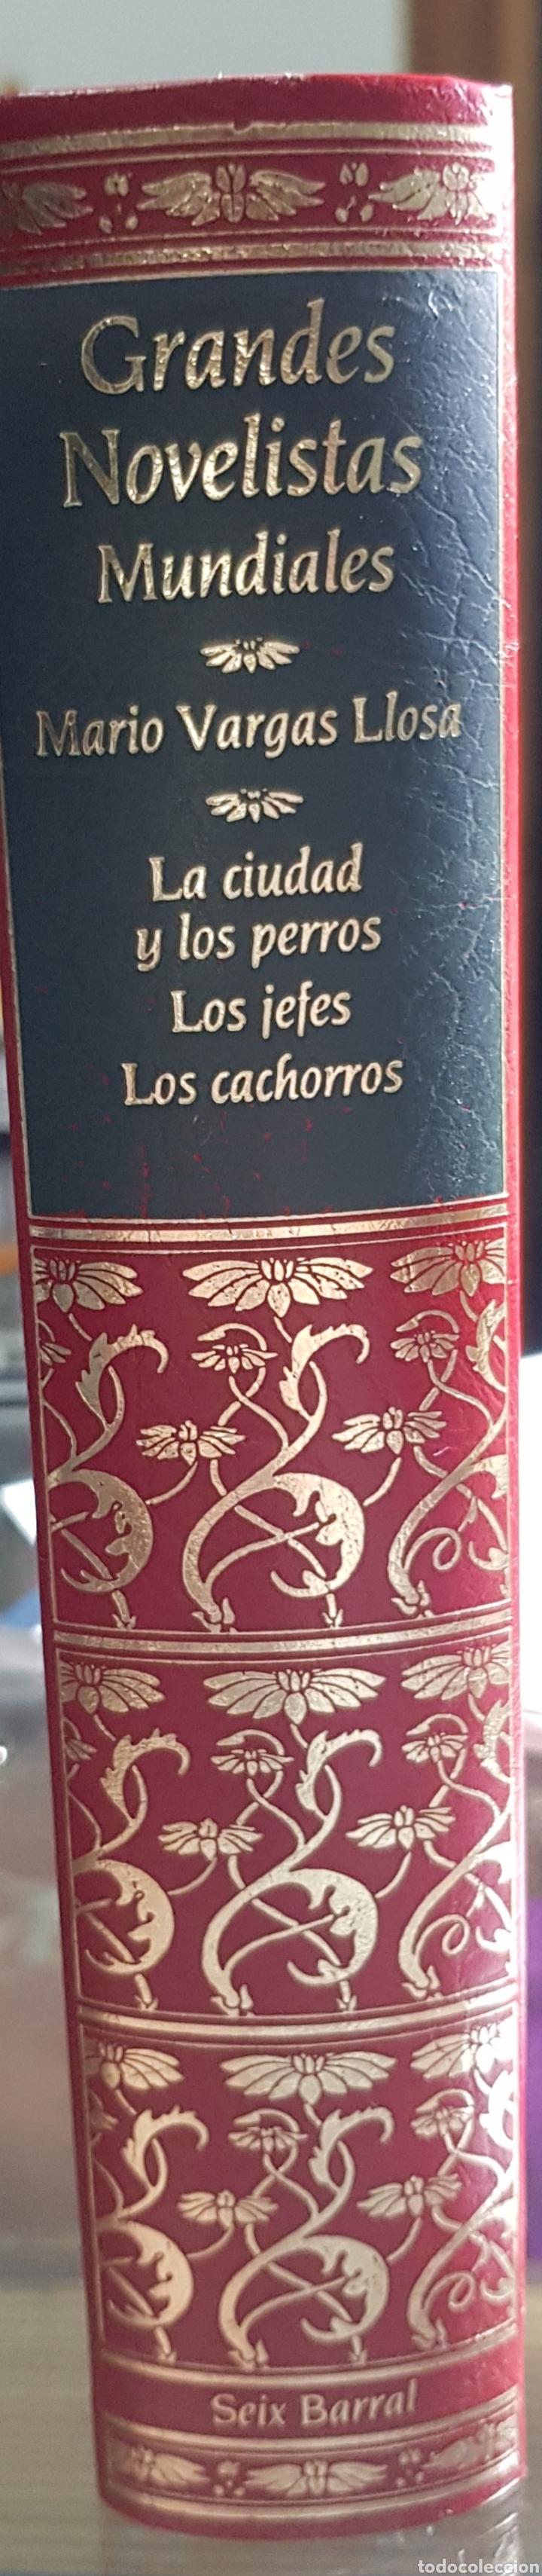 Enciclopedias de segunda mano: Primera Edición Especial para planeta. Grandes Novelistas Mundiales - Foto 3 - 182430131